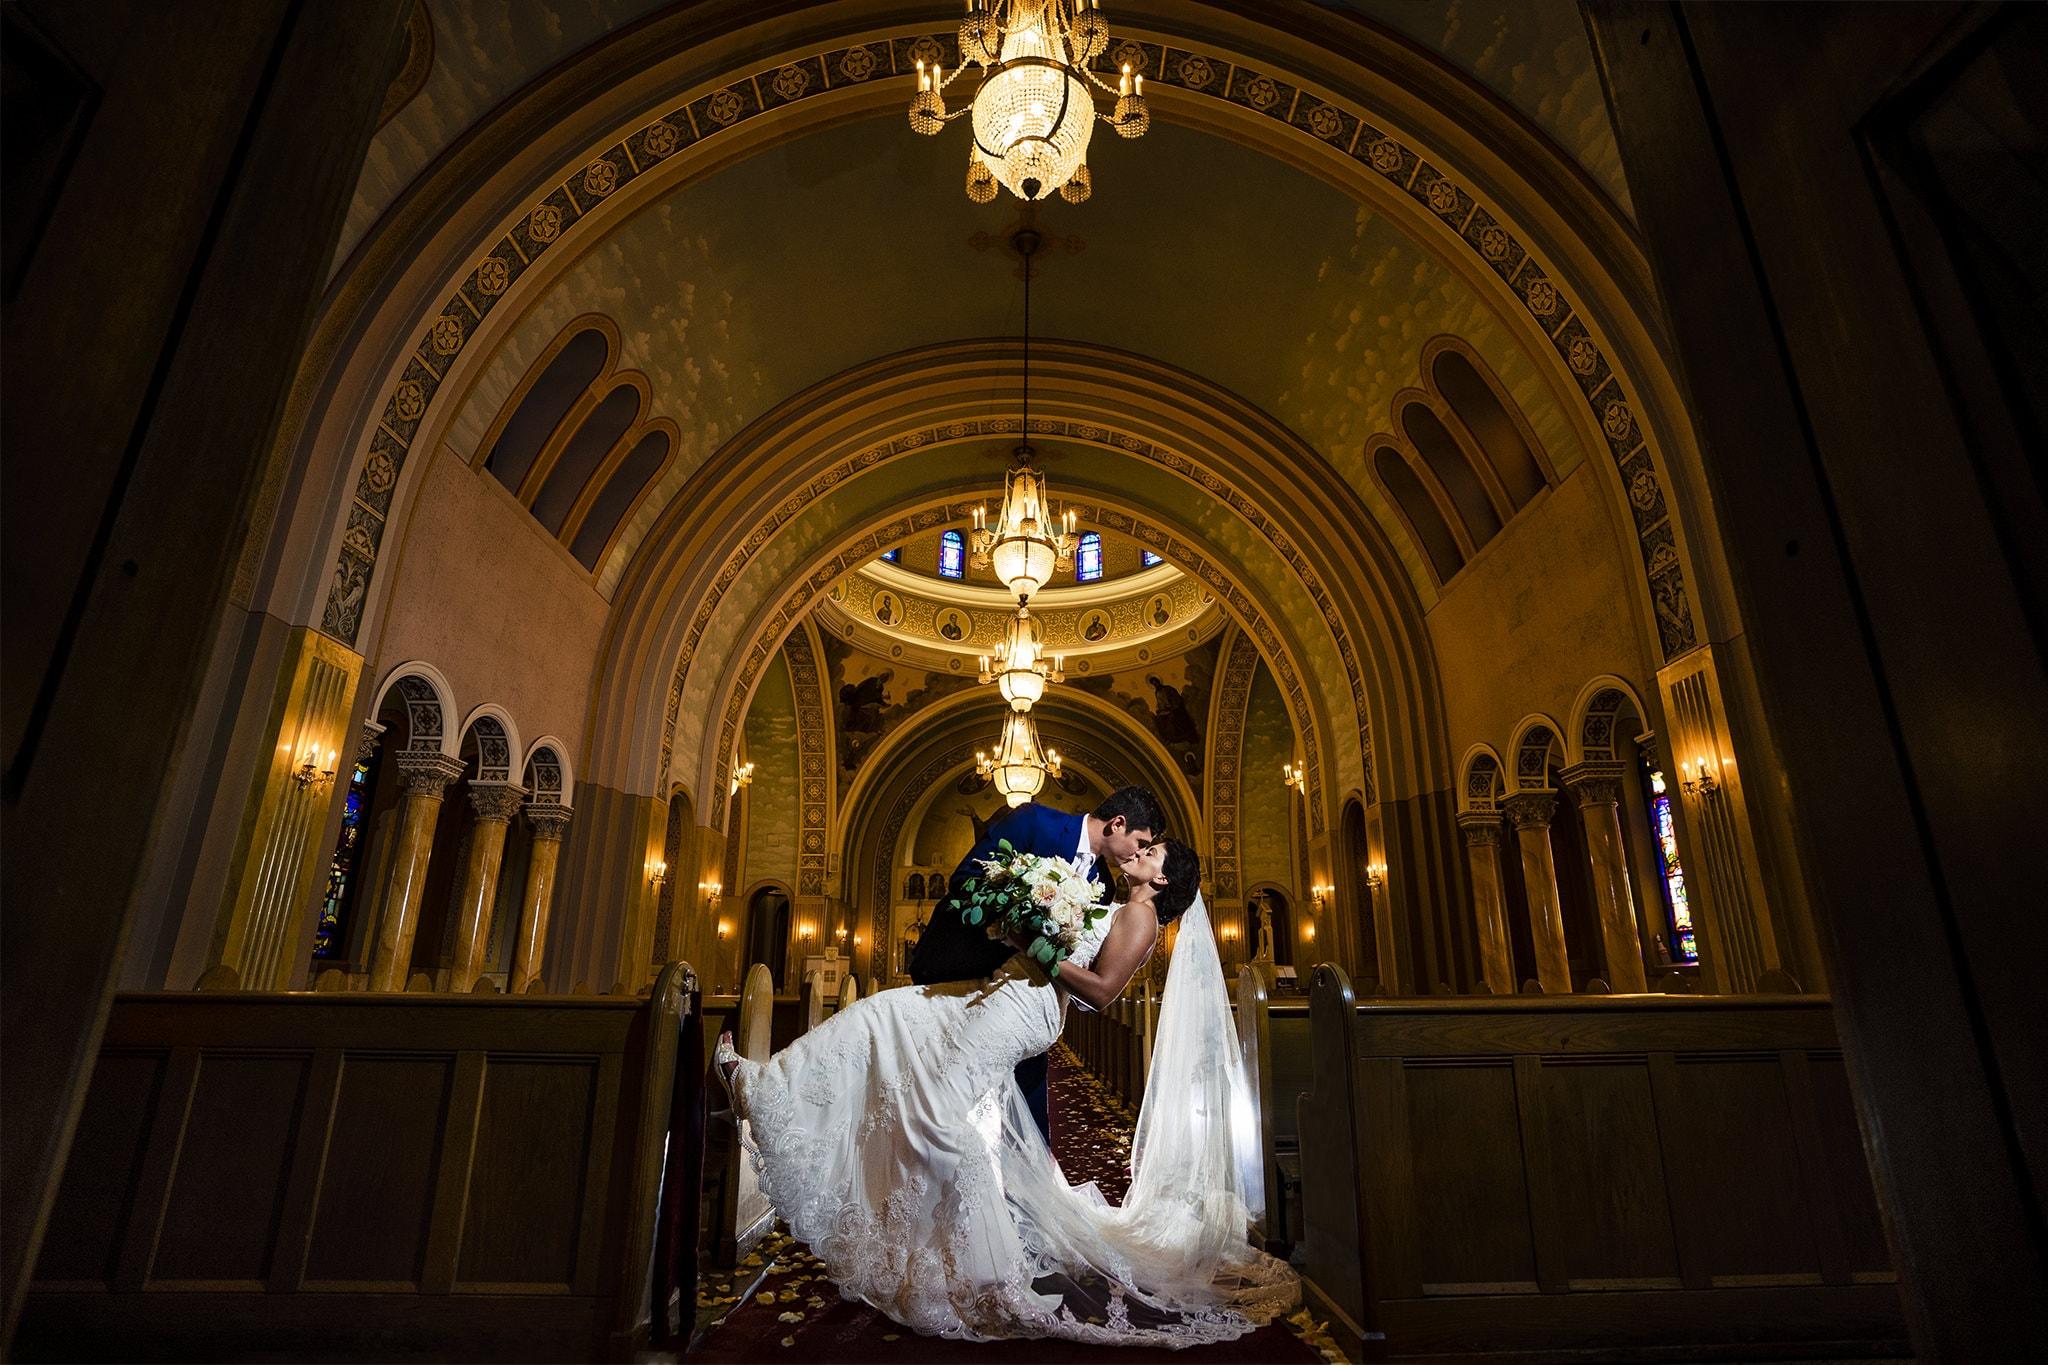 Annunciation Greek Orthodox Church Dayton - Studio 22 Photography